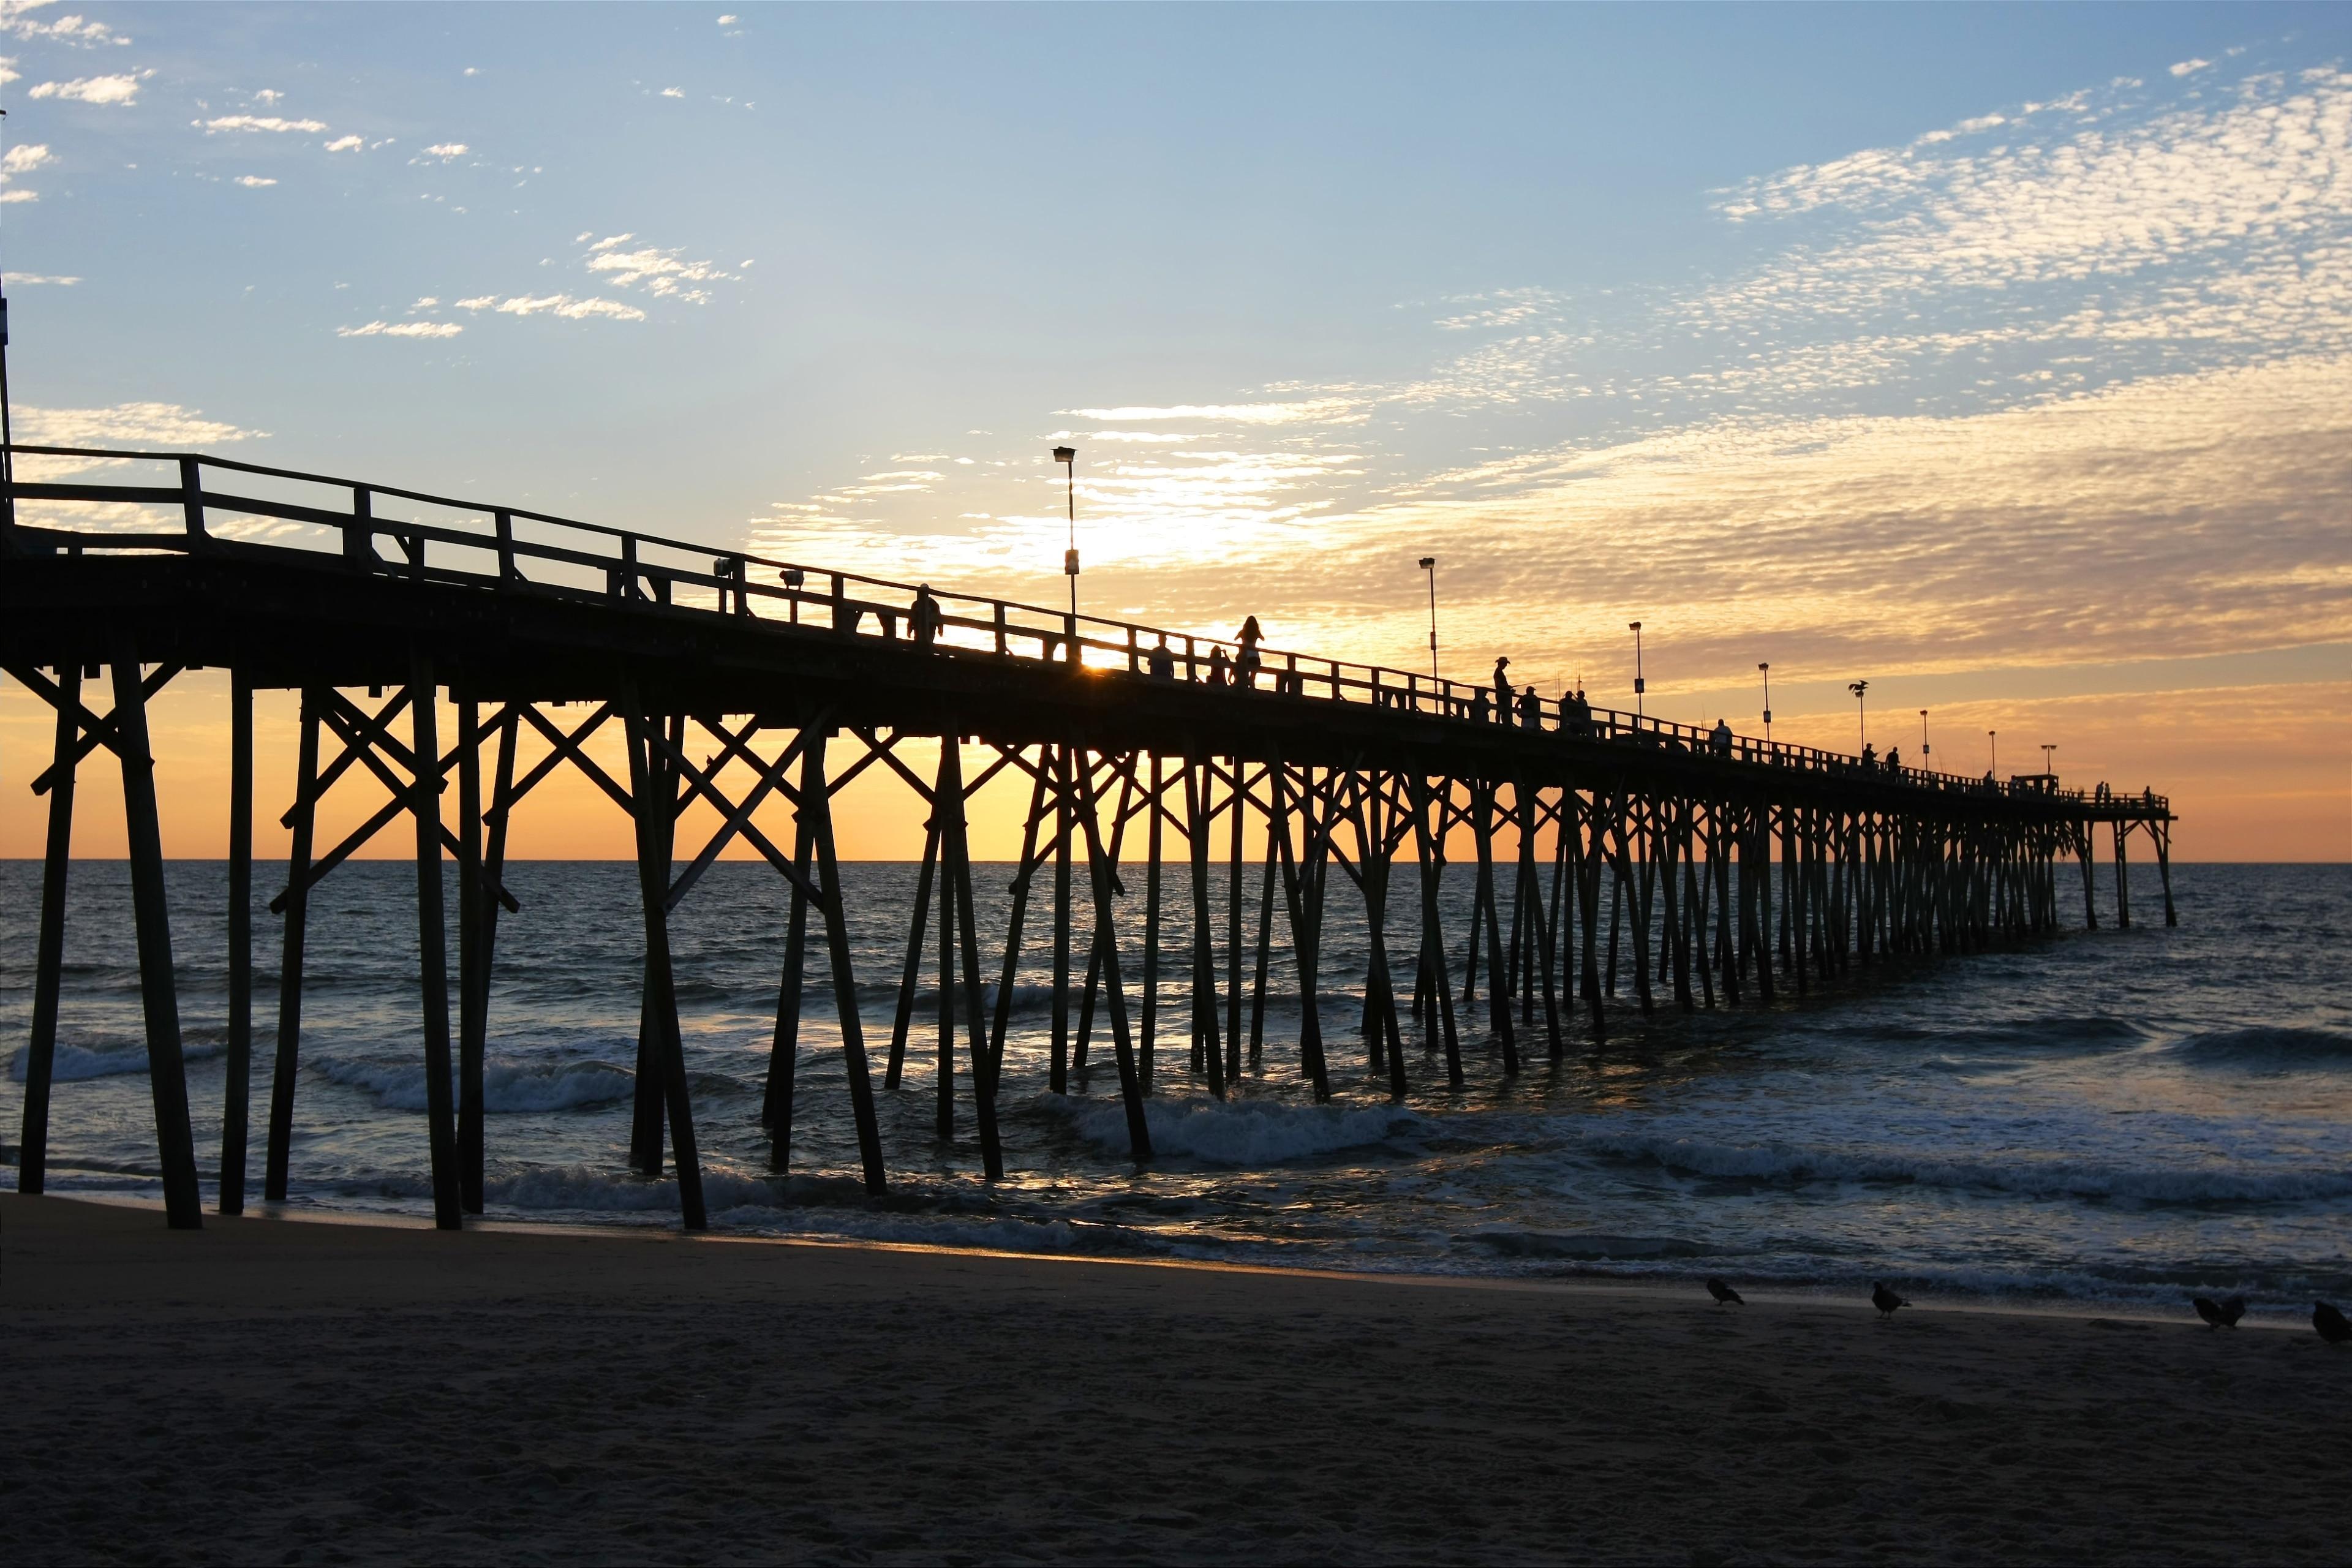 Kure Beach Pier, Kure Beach, North Carolina, United States of America